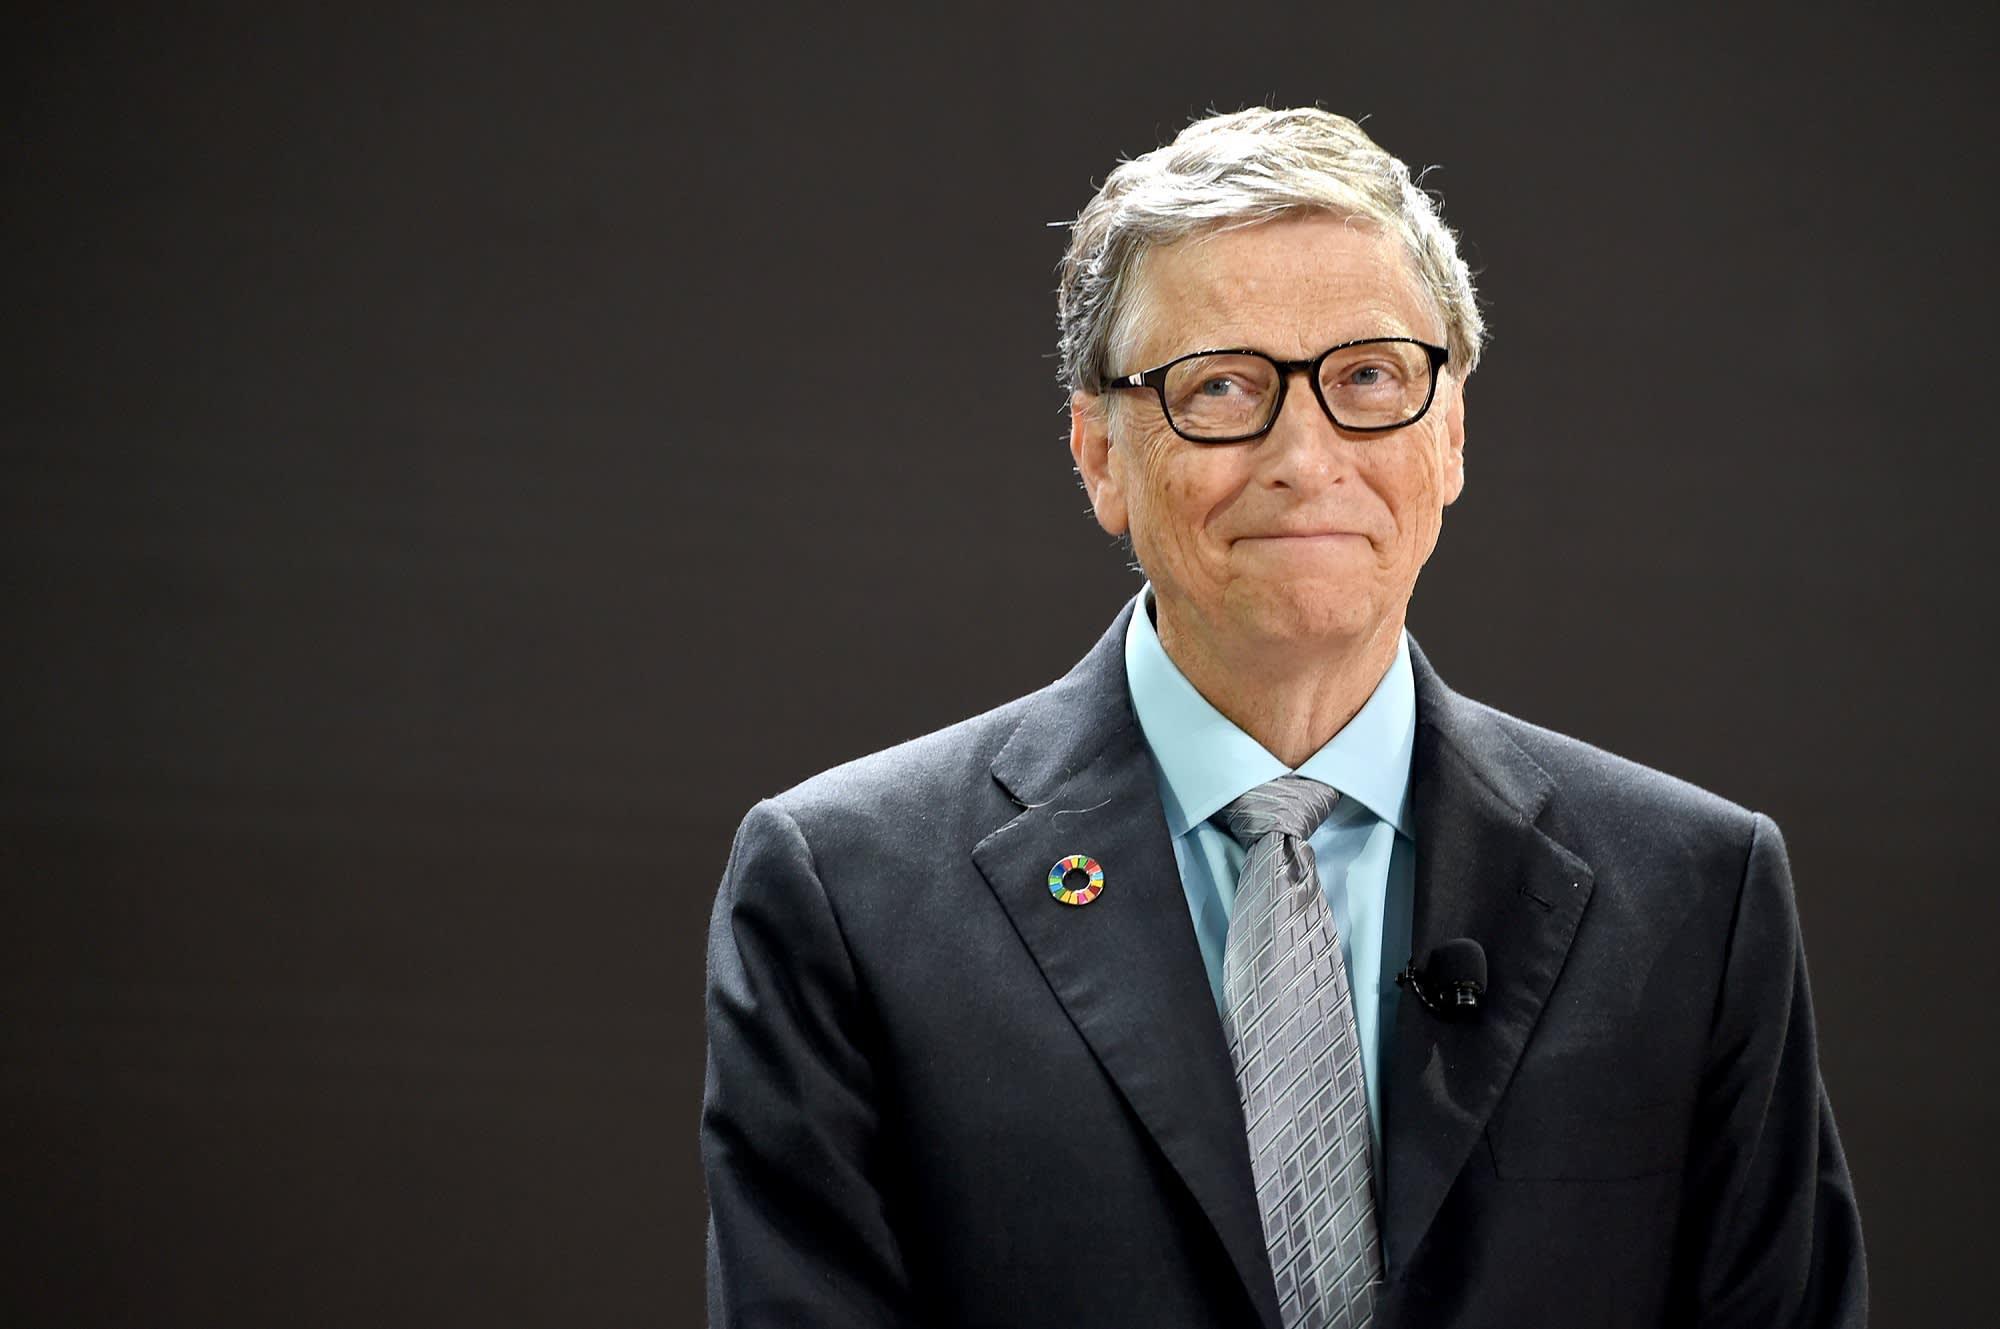 How Bill Gates Brain Works Netflix Documentary